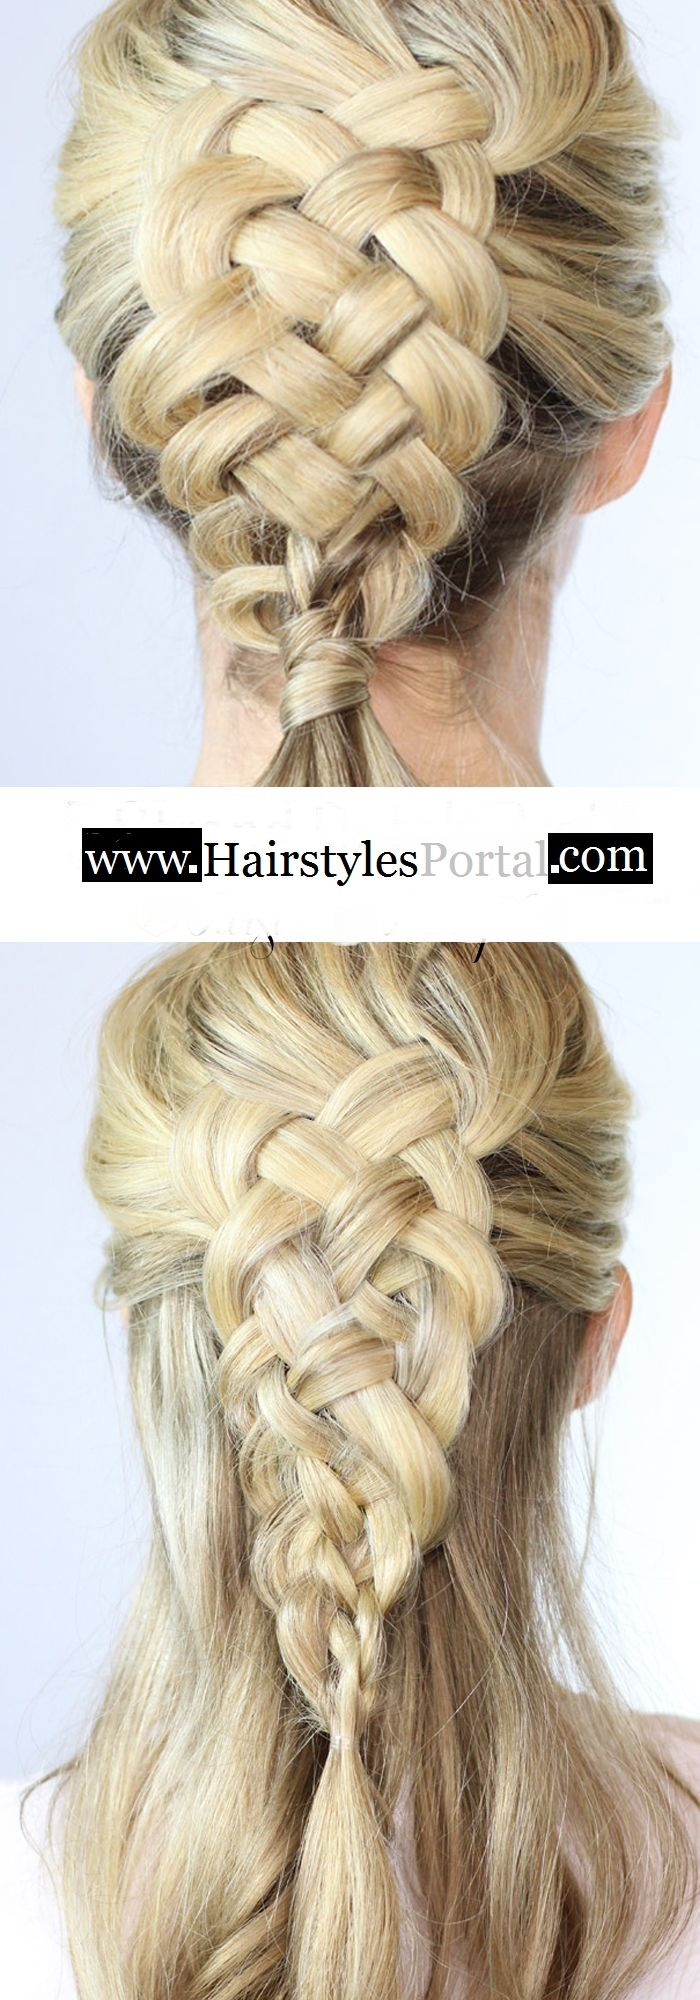 A 5 strand dutch braid on yourself